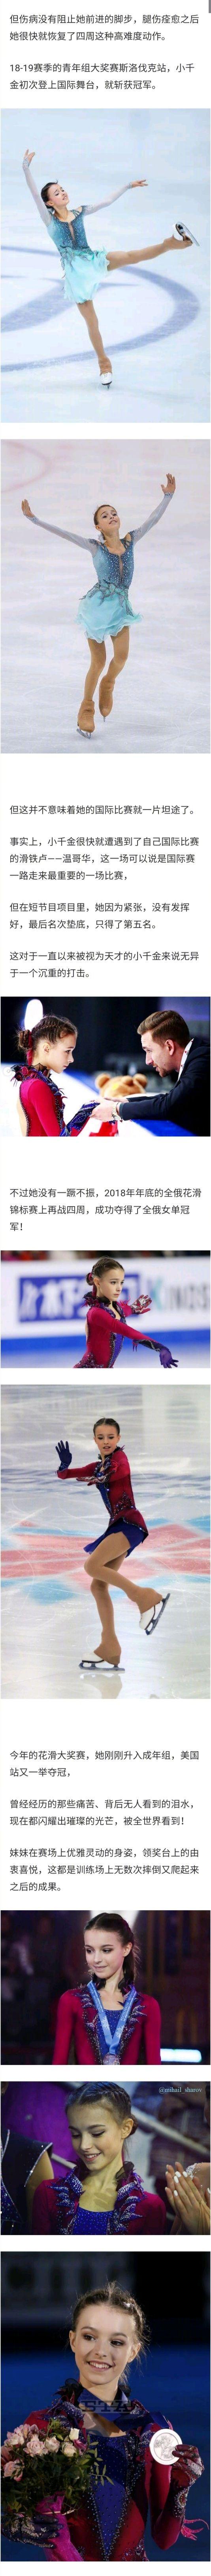 15岁俄罗斯花滑运动员Anna Shcherbakova 涨姿势 第6张